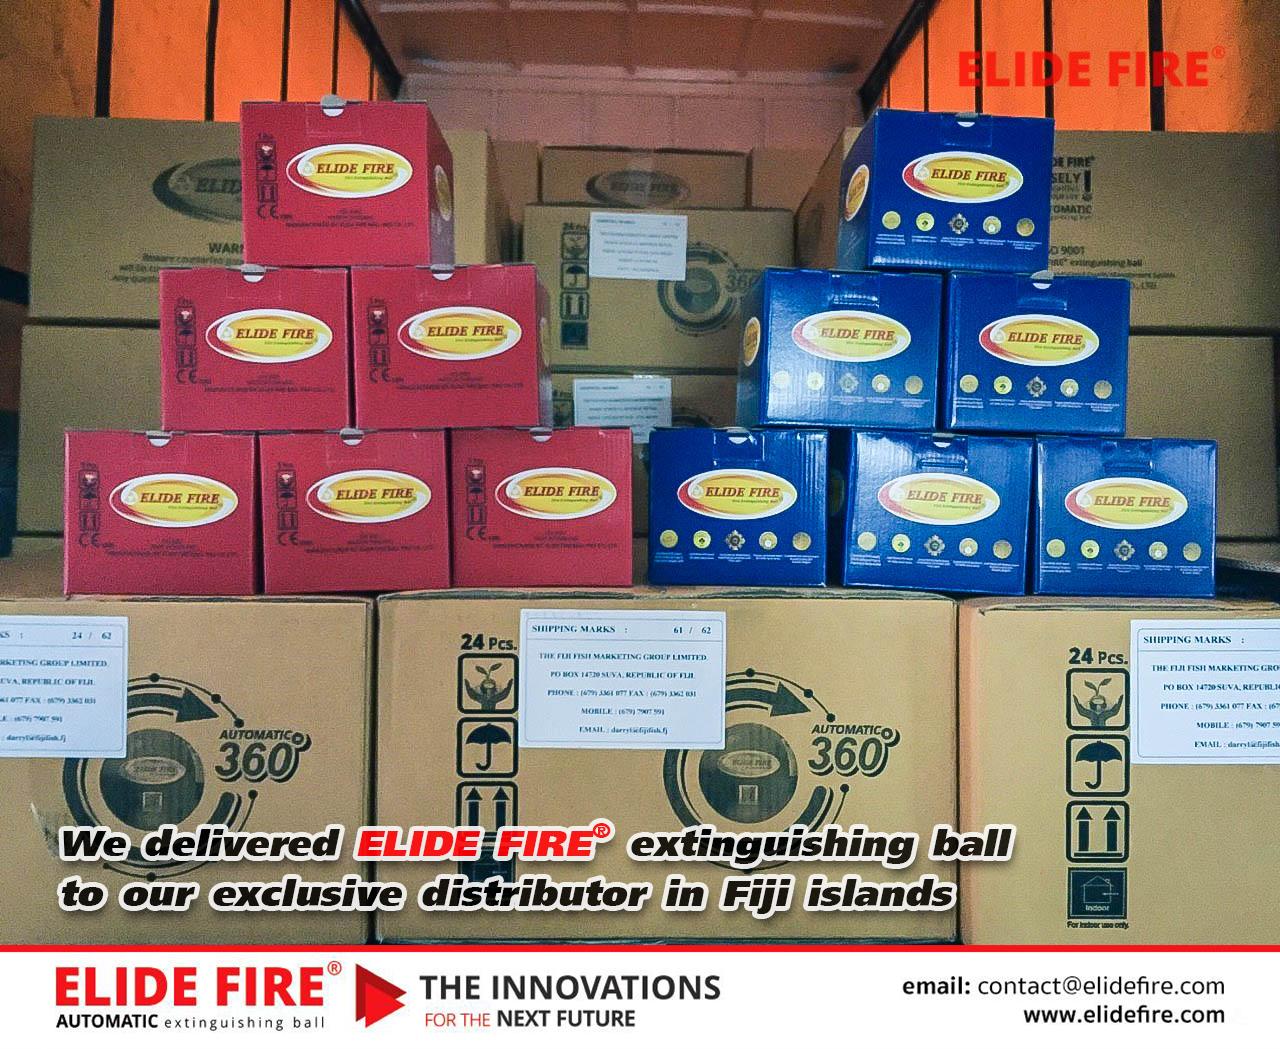 ส่งมอบทันตามกำหนด 25 มีนาคม 2562 ส่งมอบสินค้าลูกบอลดับเพลิง ELIDEFIRE® ให้กับตัวแทนจำหน่ายเพียงผู้เดียวประจำประเทศฟิจิ (Fiji islands)